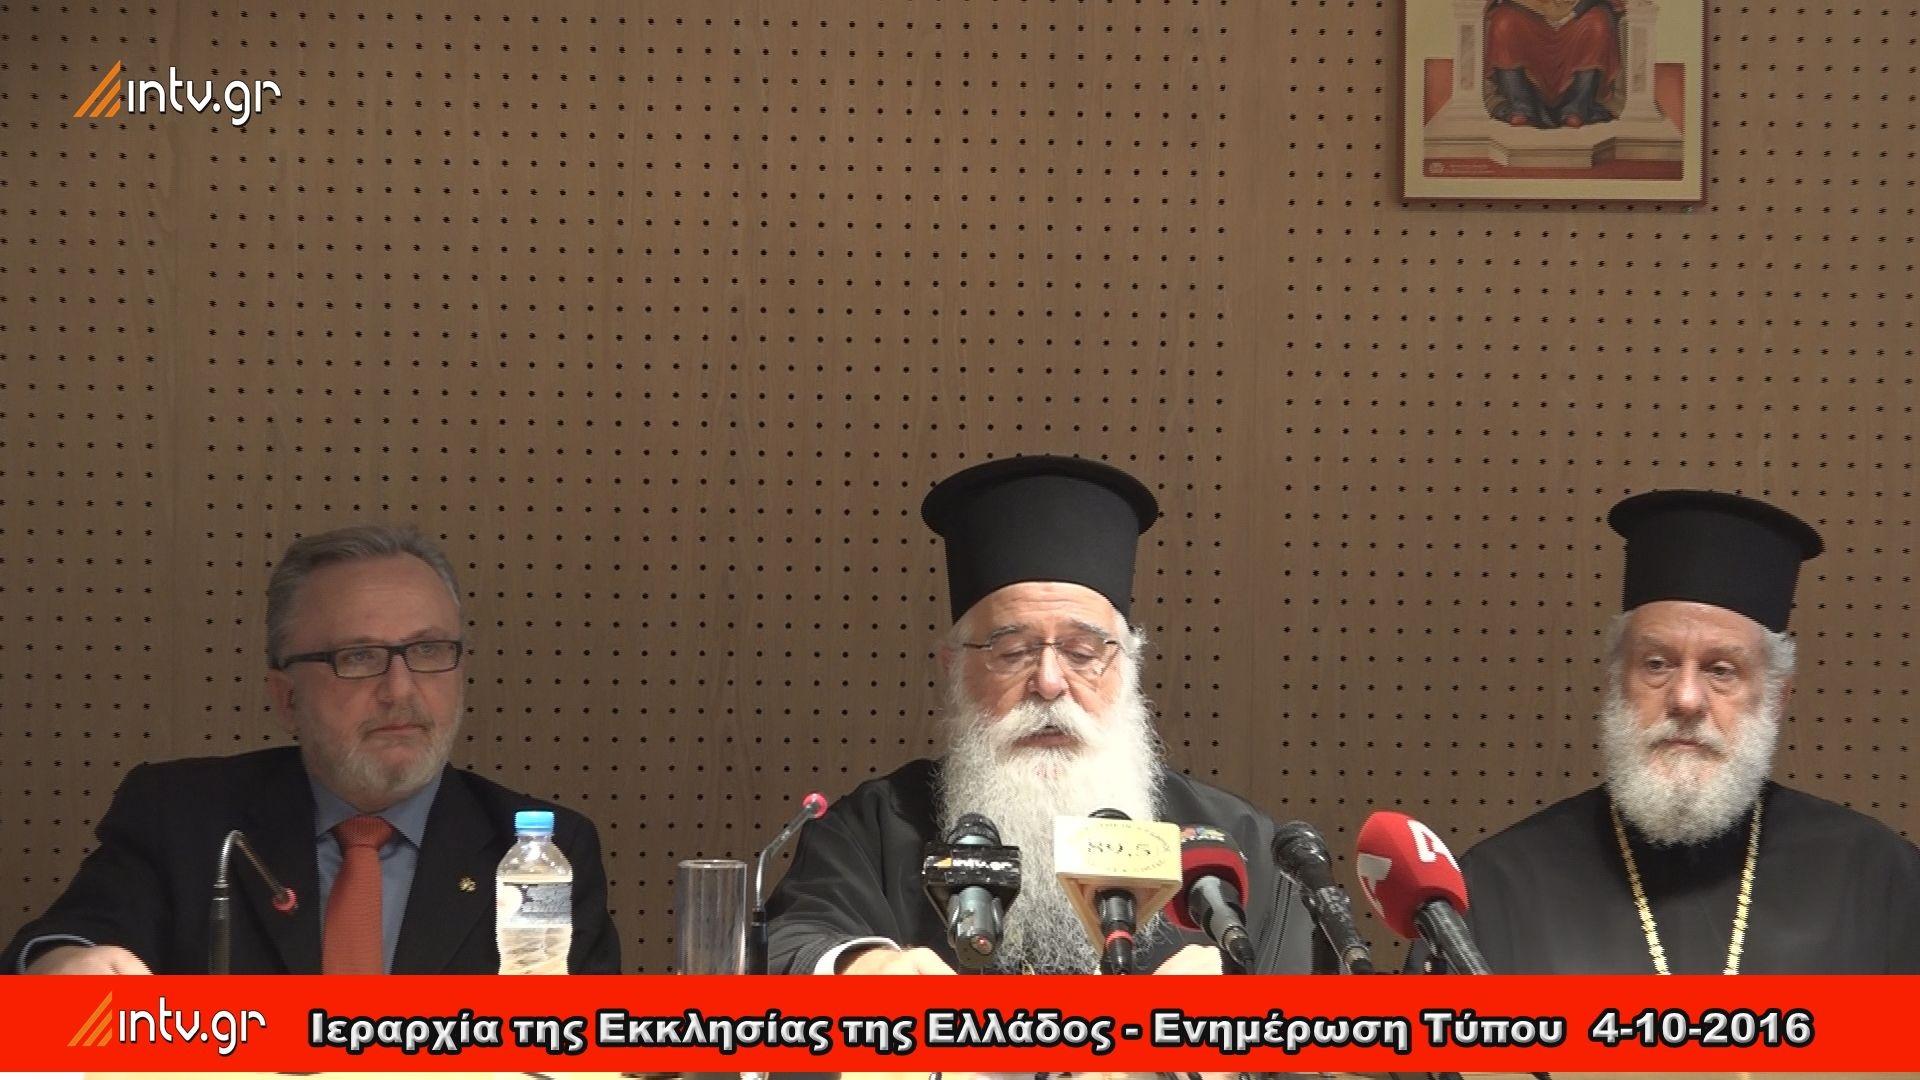 Ιεραρχία της Εκκλησίας της Ελλάδος - Ενημέρωση Τύπου  4-10-2016